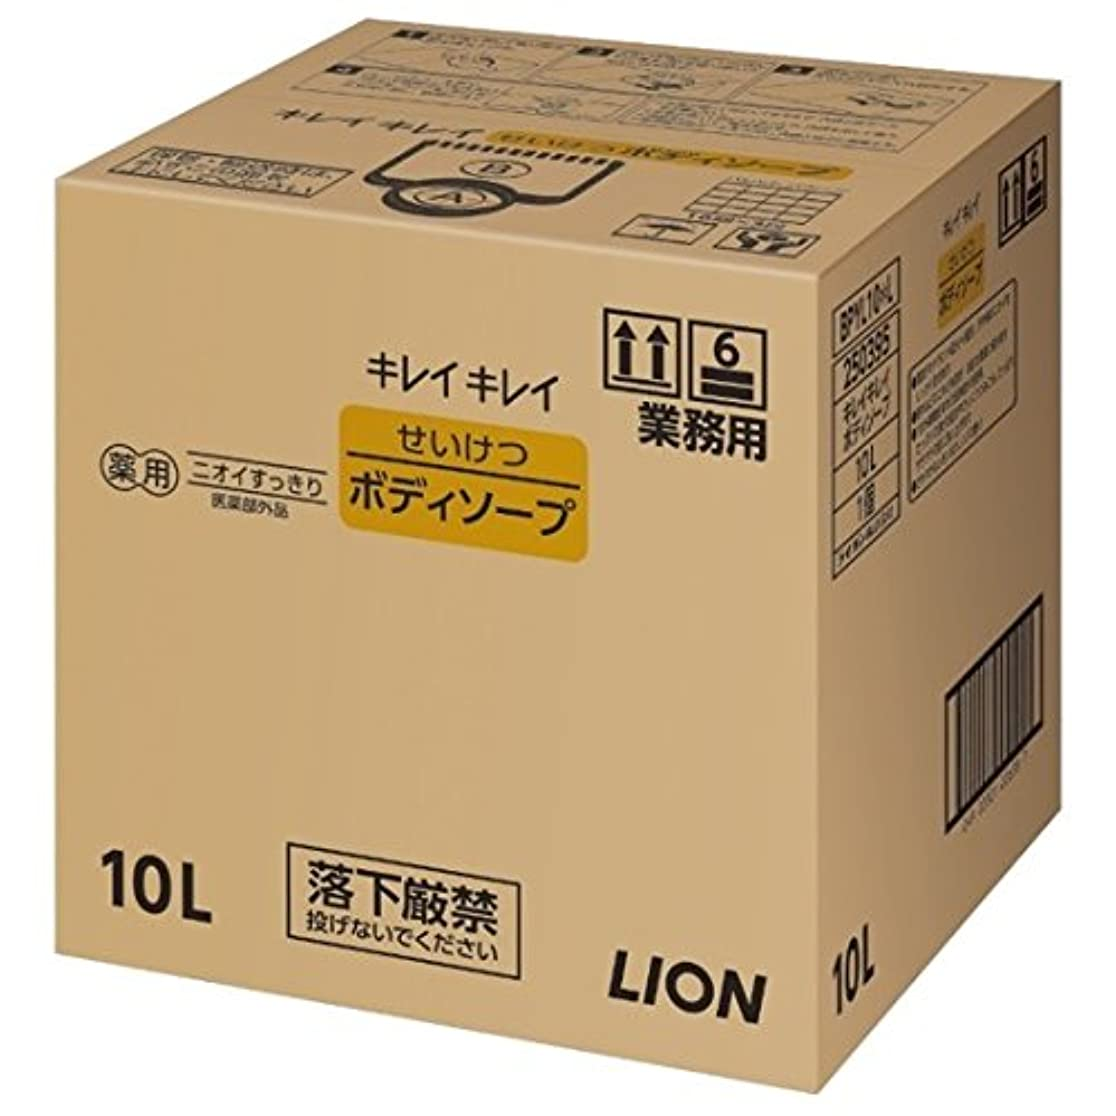 モック覚醒悪因子ライオン 業務用 キレイキレイ せいけつボディソープ 10L